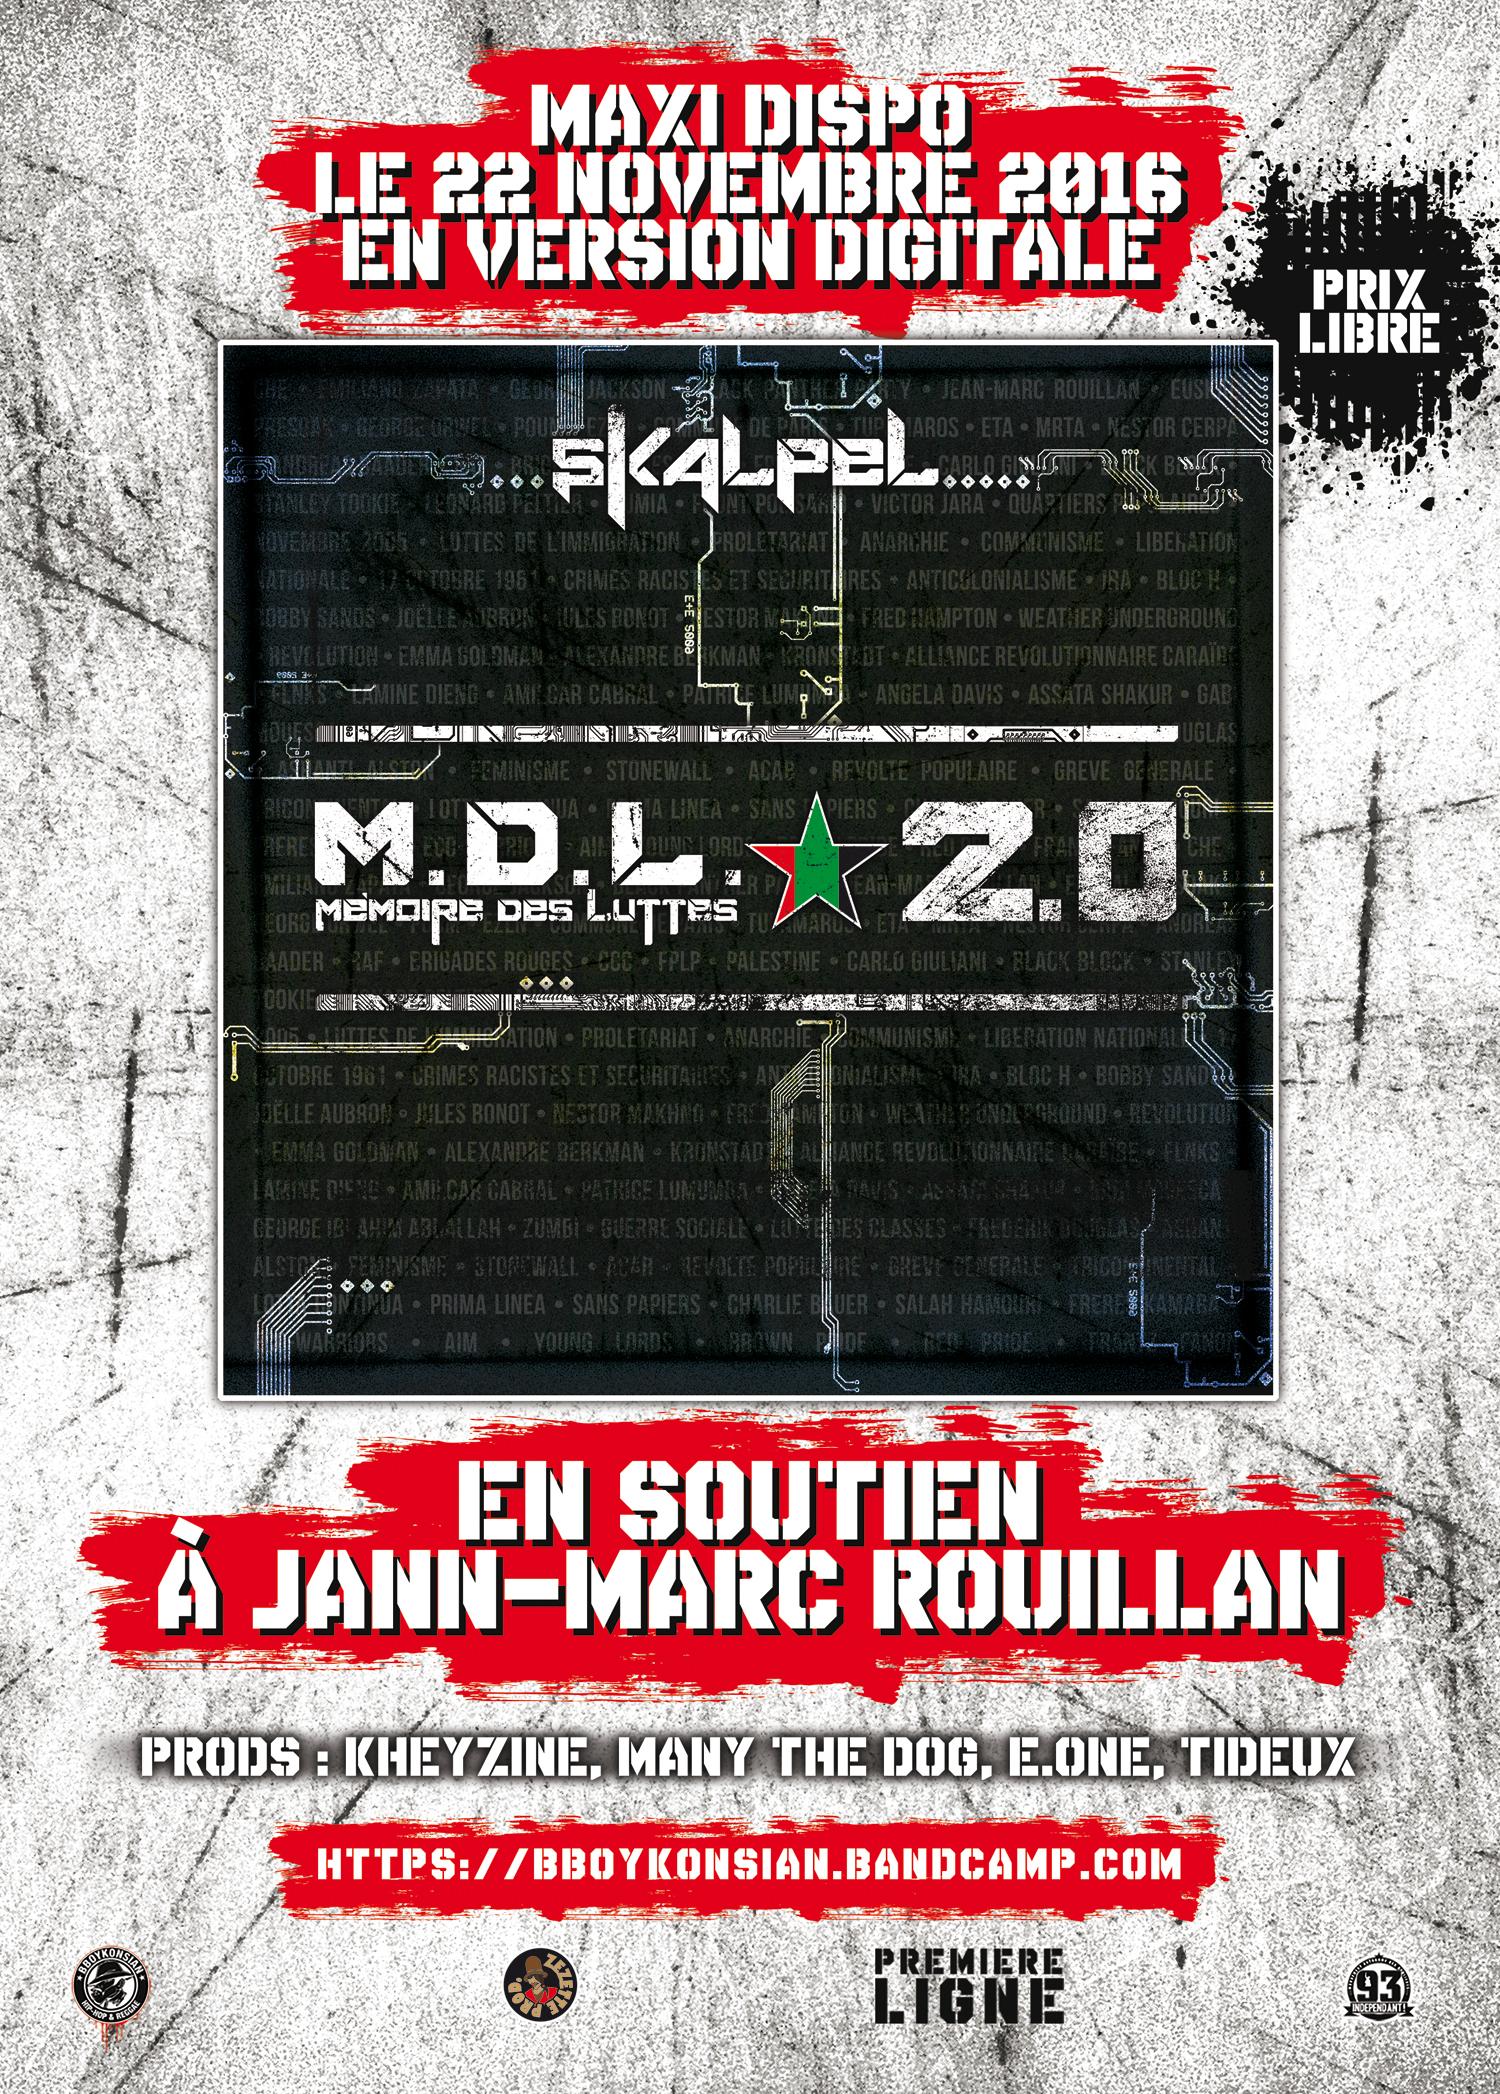 Le maxi 'M.D.L. 2.0' de Skalpel disponible en version digitale